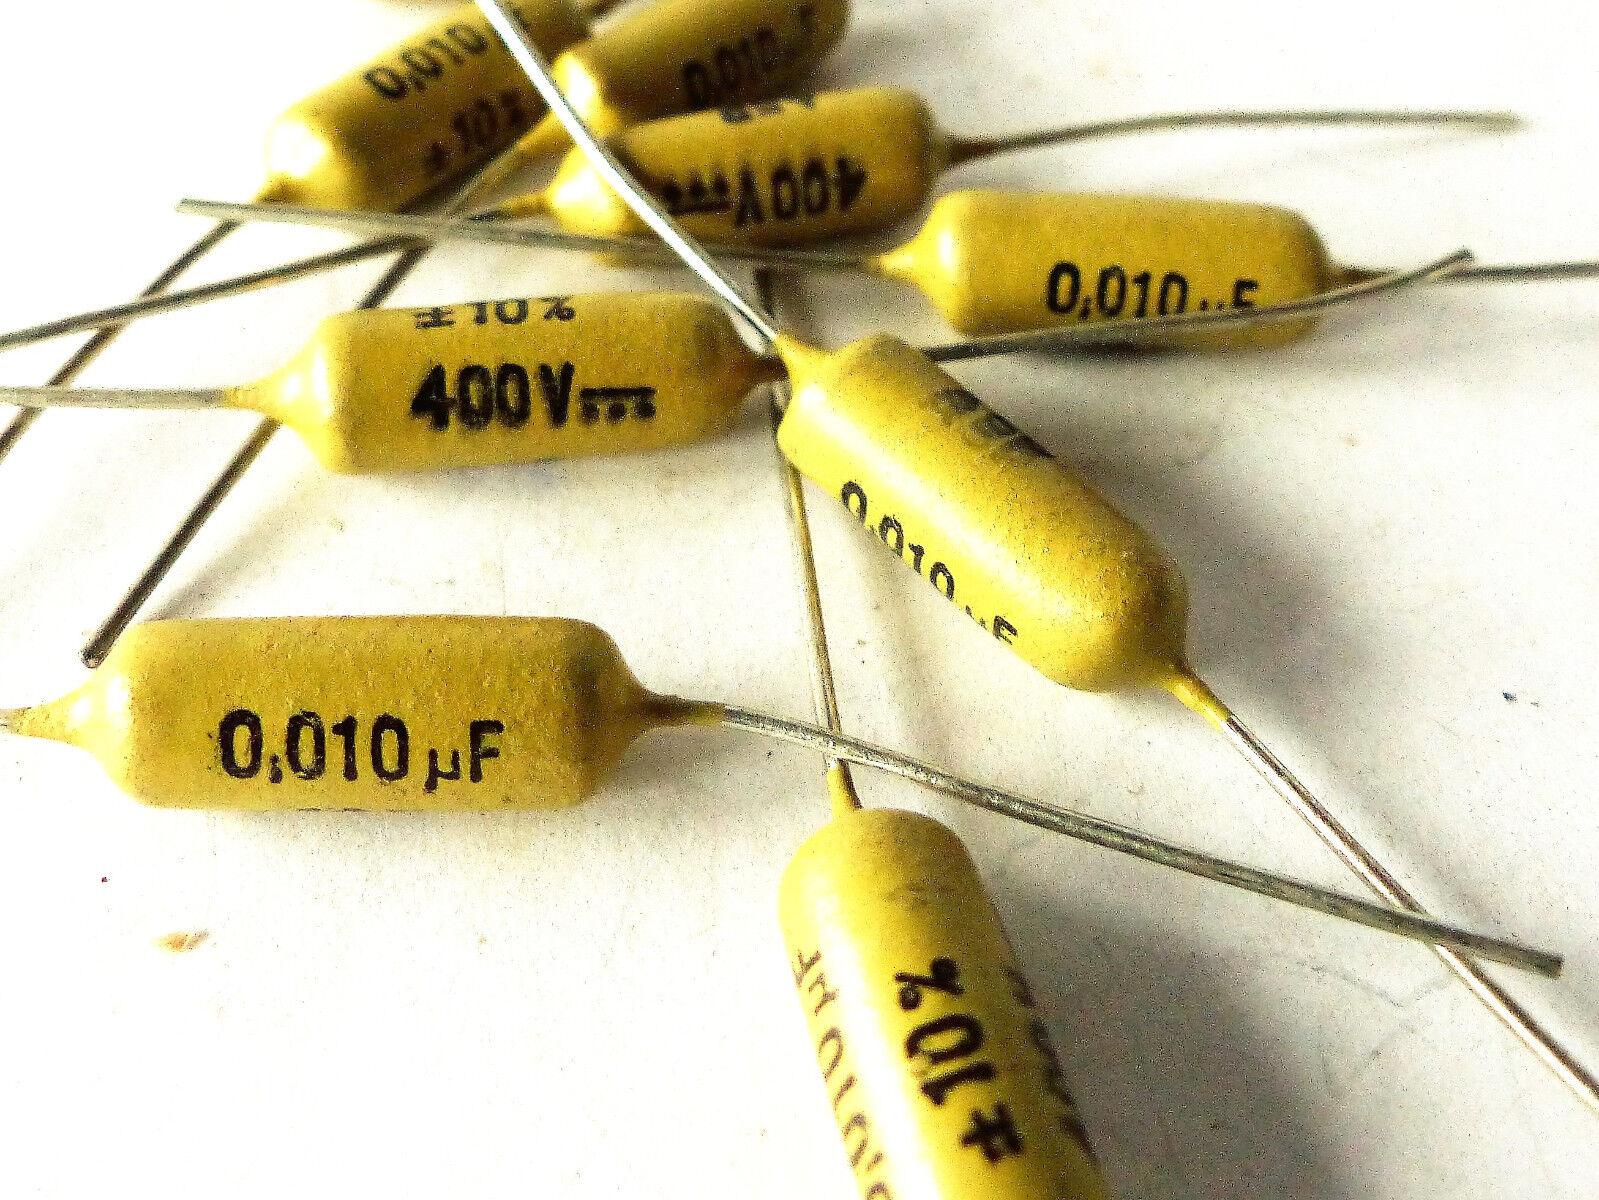 10 pcs Mullard Mustard Capacitors 10 nF   0.01 MFD   400V, NOS